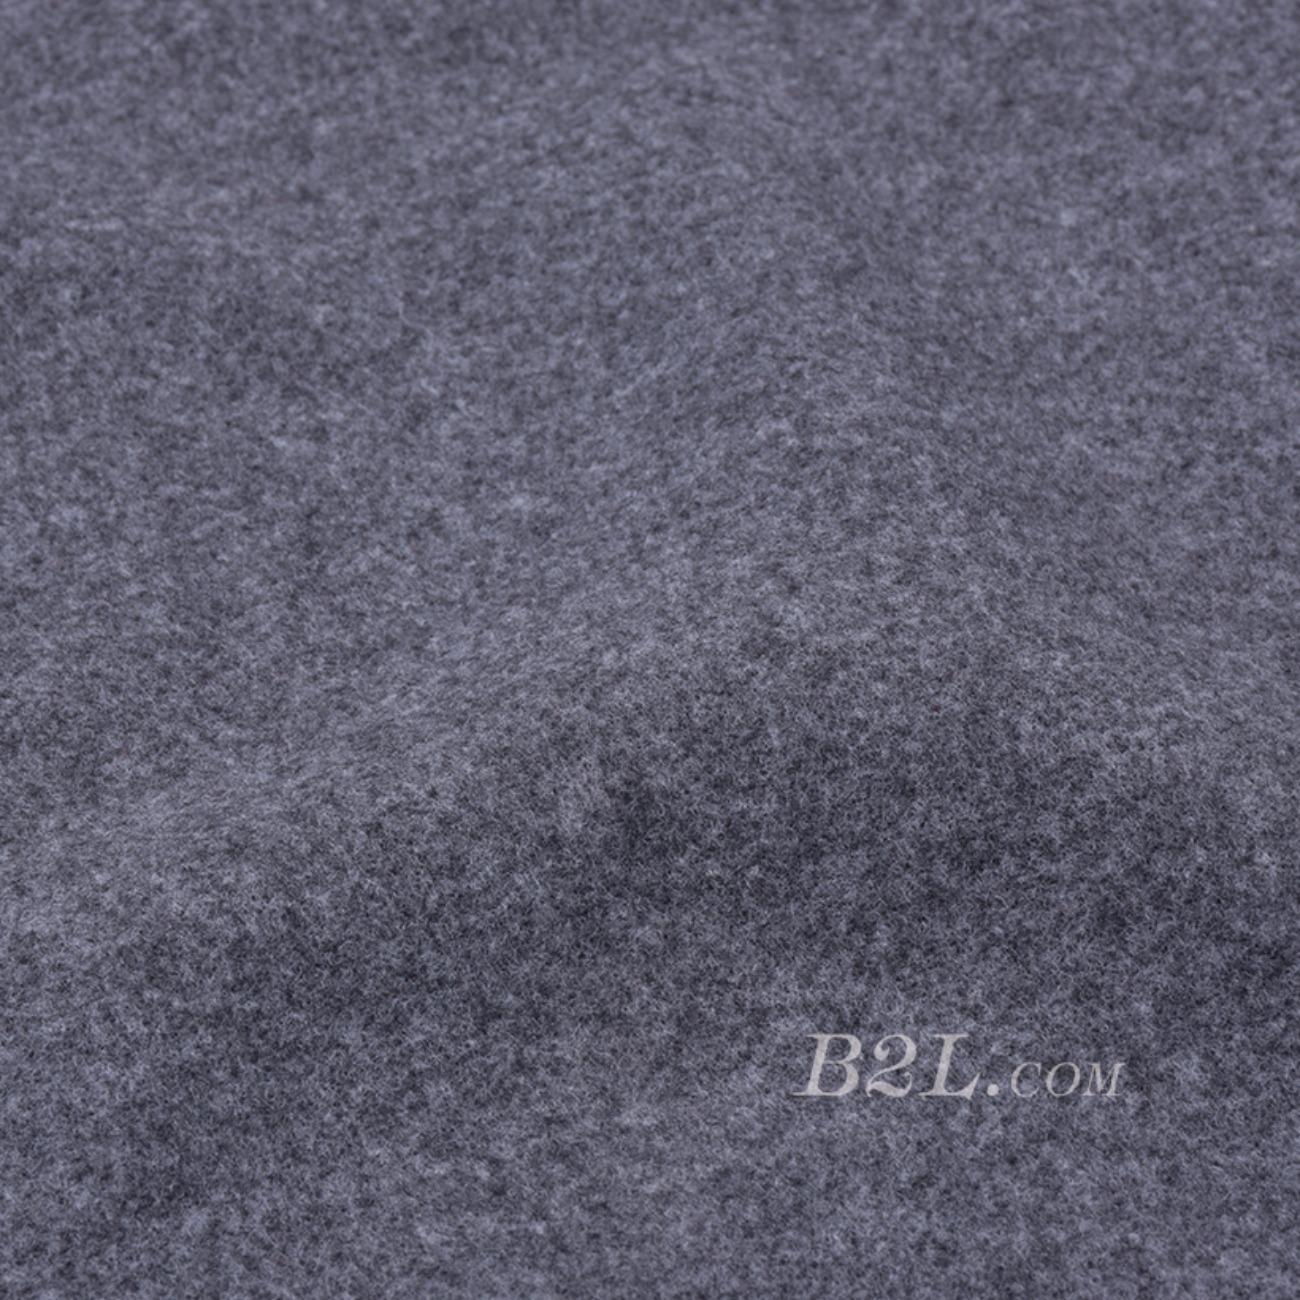 毛呢 梭织 素色 染色 龙凤呢 绒感 秋冬 大衣 外套 风衣 男装 女装 80611-12